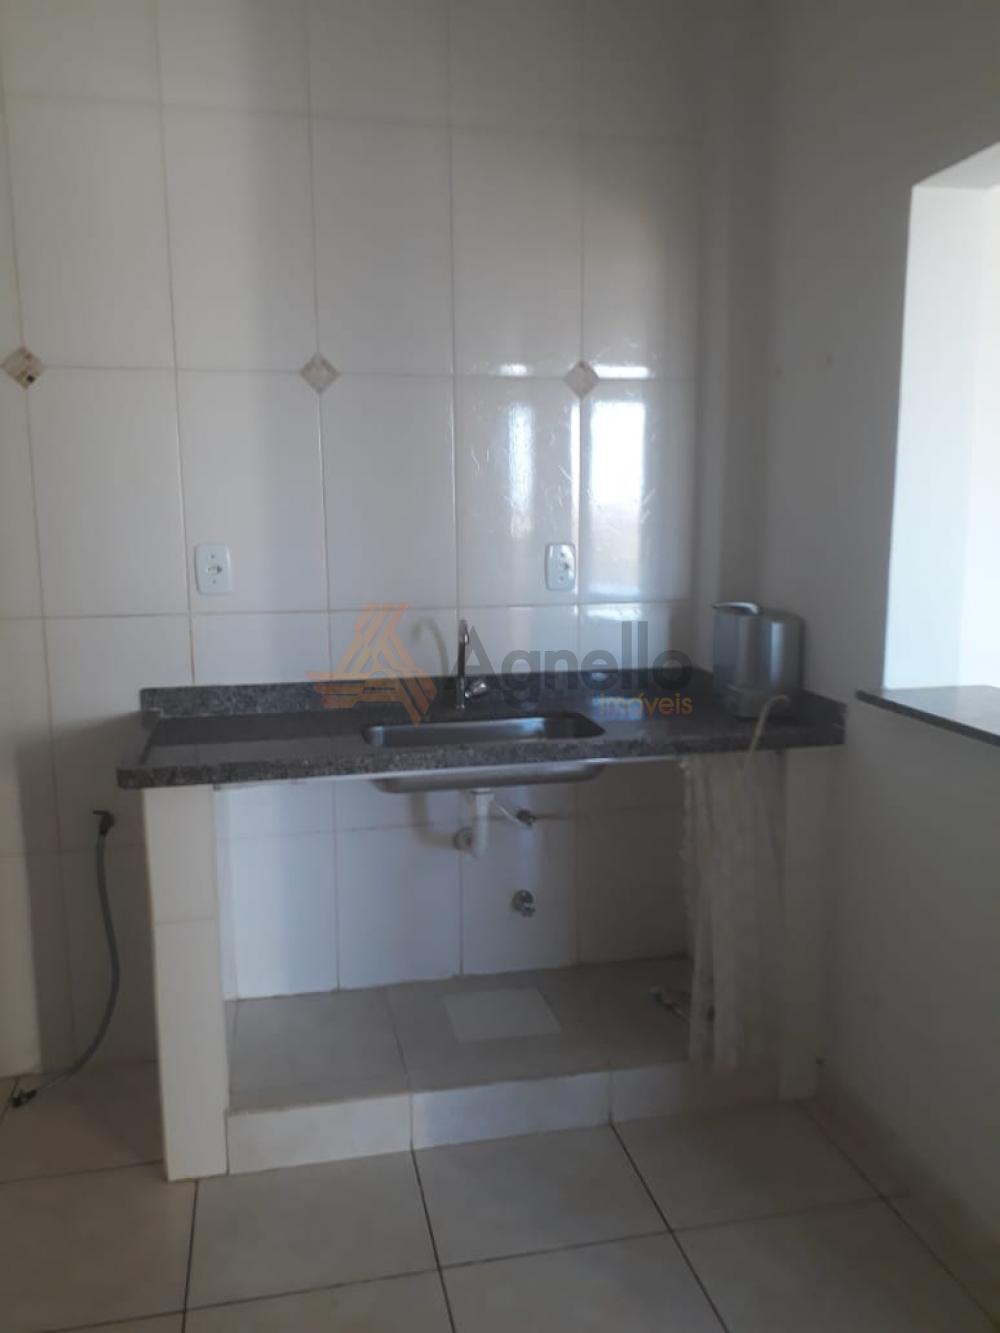 Comprar Apartamento / Padrão em Franca R$ 170.000,00 - Foto 7